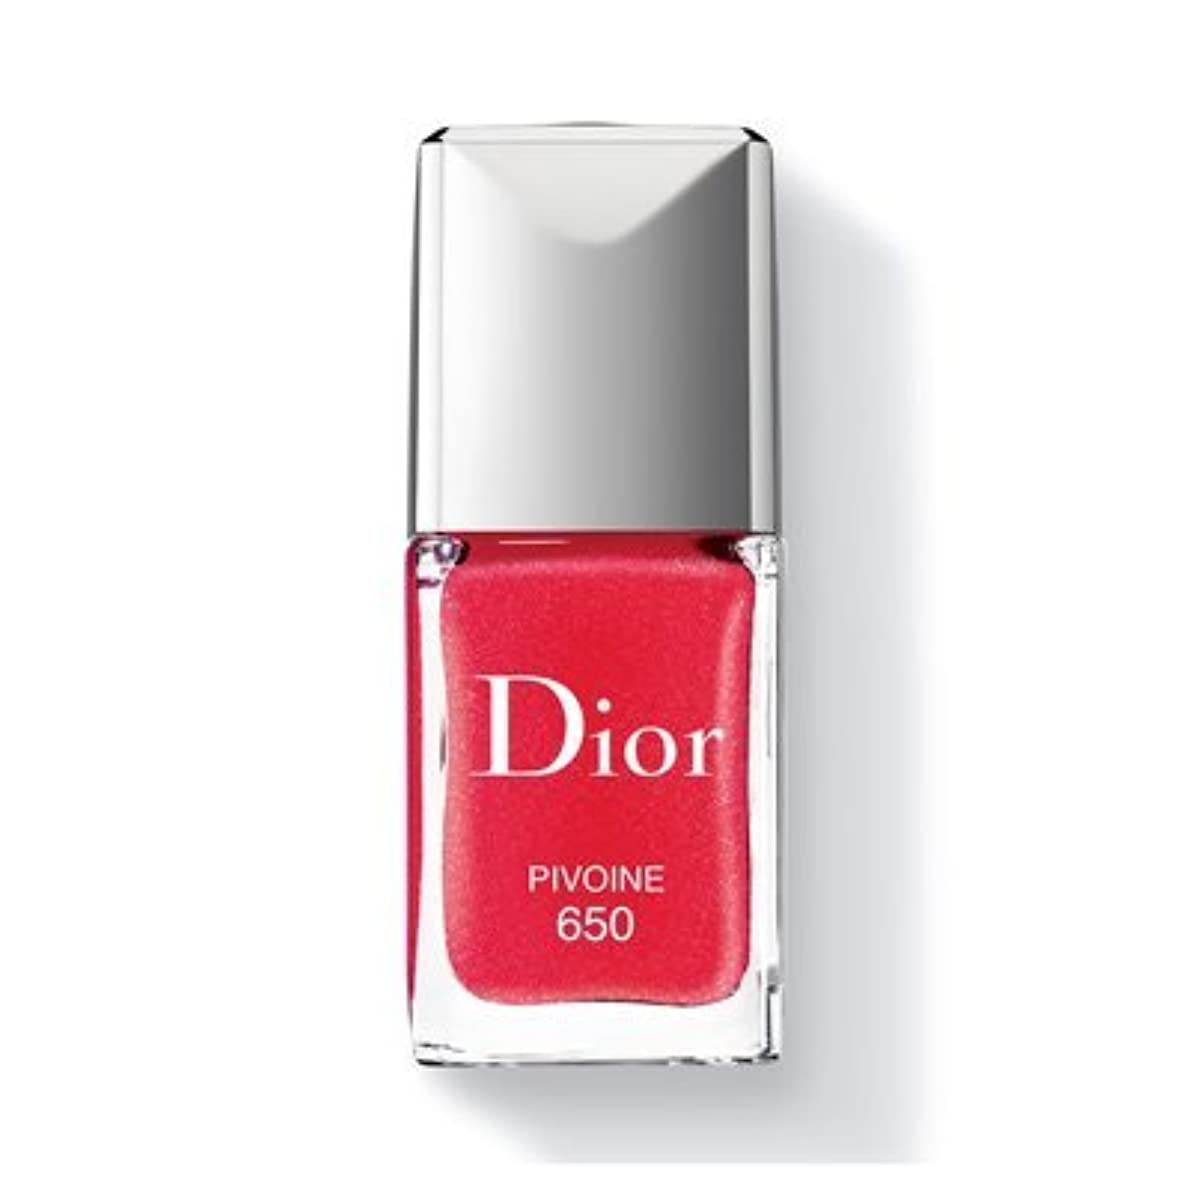 リングエミュレーション同意Christian Dior クリスチャン ディオール ディオール ヴェルニ #650 PIVOINE 10ml [並行輸入品]